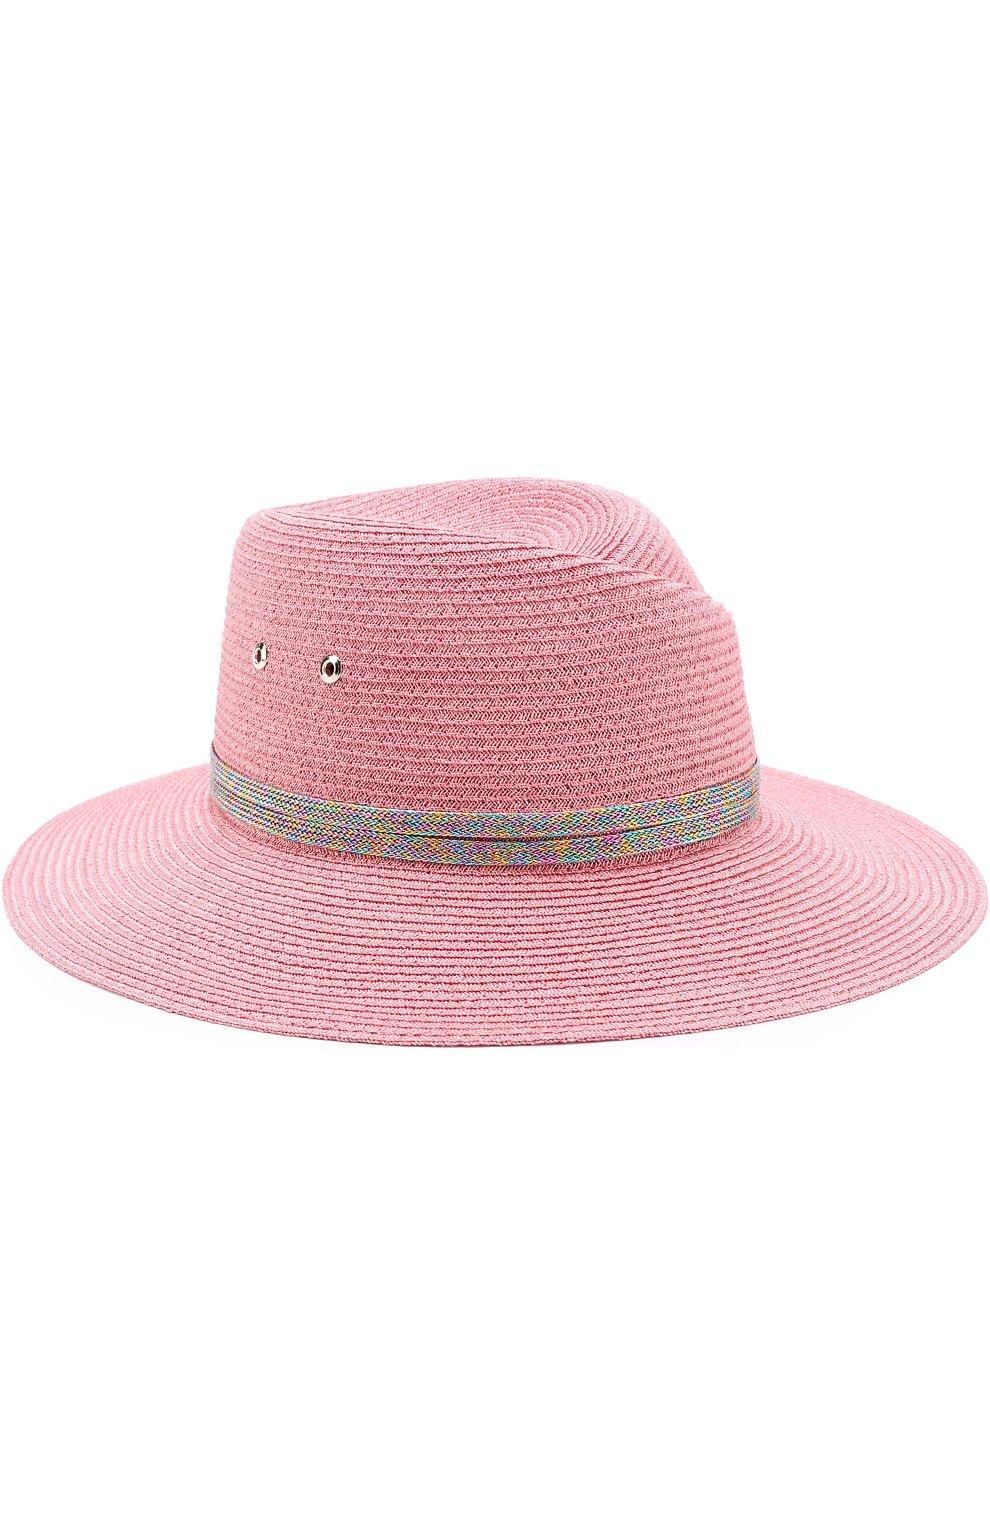 Шляпа Virginie с декоративной лентой | Фото №1